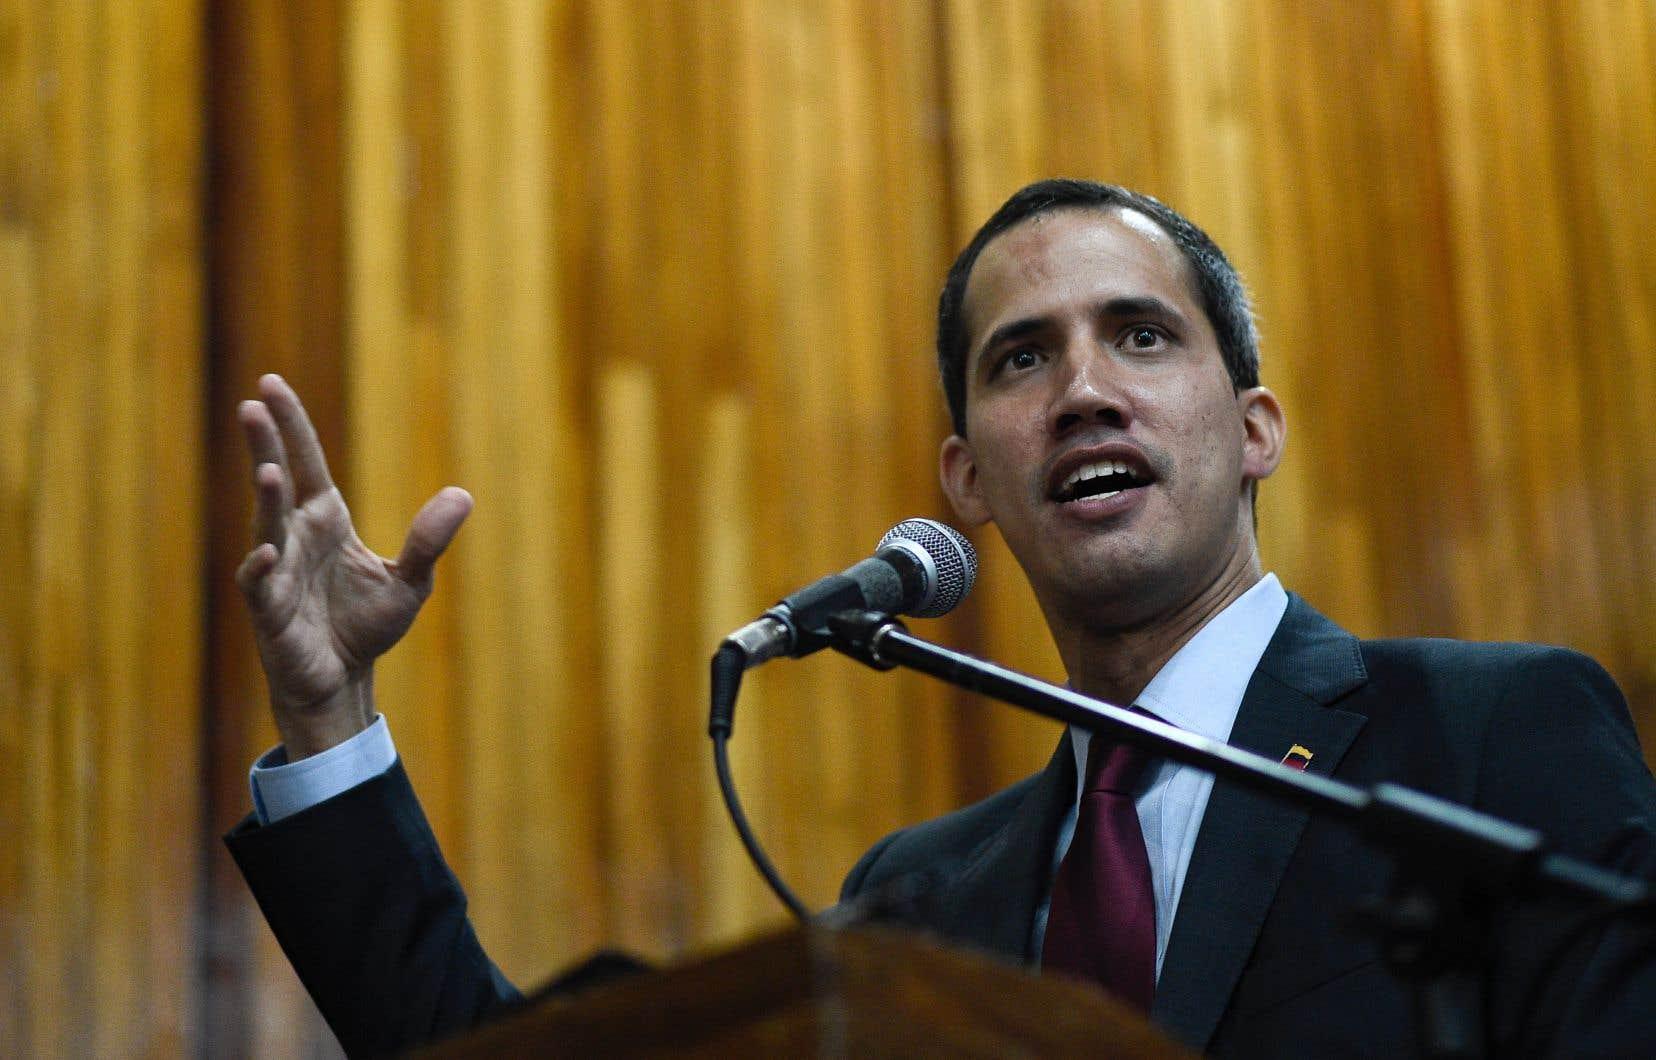 Outre 21 pays de l'UE, Juan Guaidó a l'appui des États-Unis, du Canada et d'une douzaine de pays latino-américains.